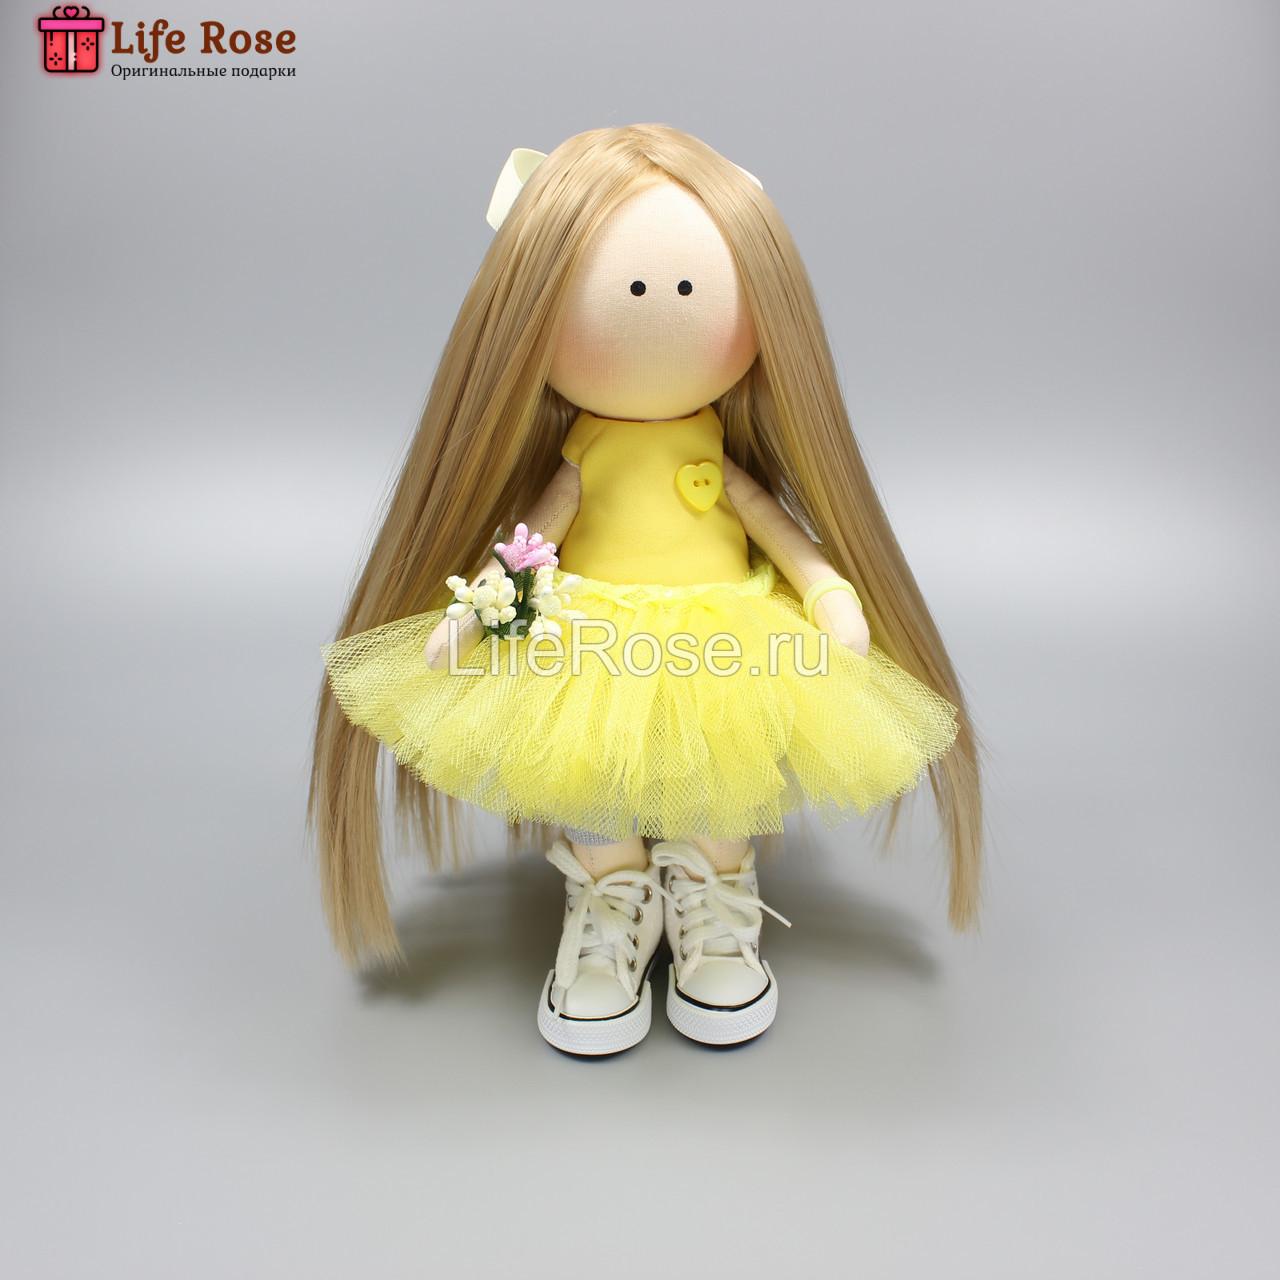 Заказать куклу ручной работы с доп. одеждой  - НА ЗАКАЗ